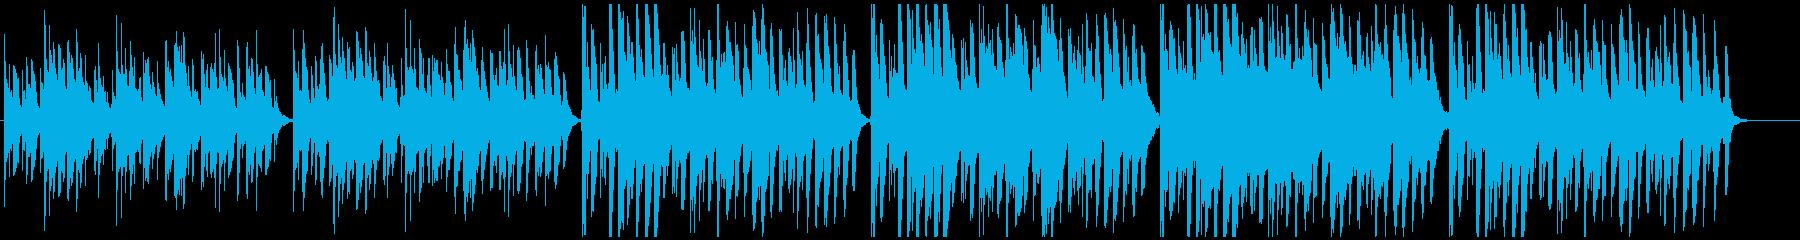 優しく穏やかな夢 子供 シンプル ハープの再生済みの波形